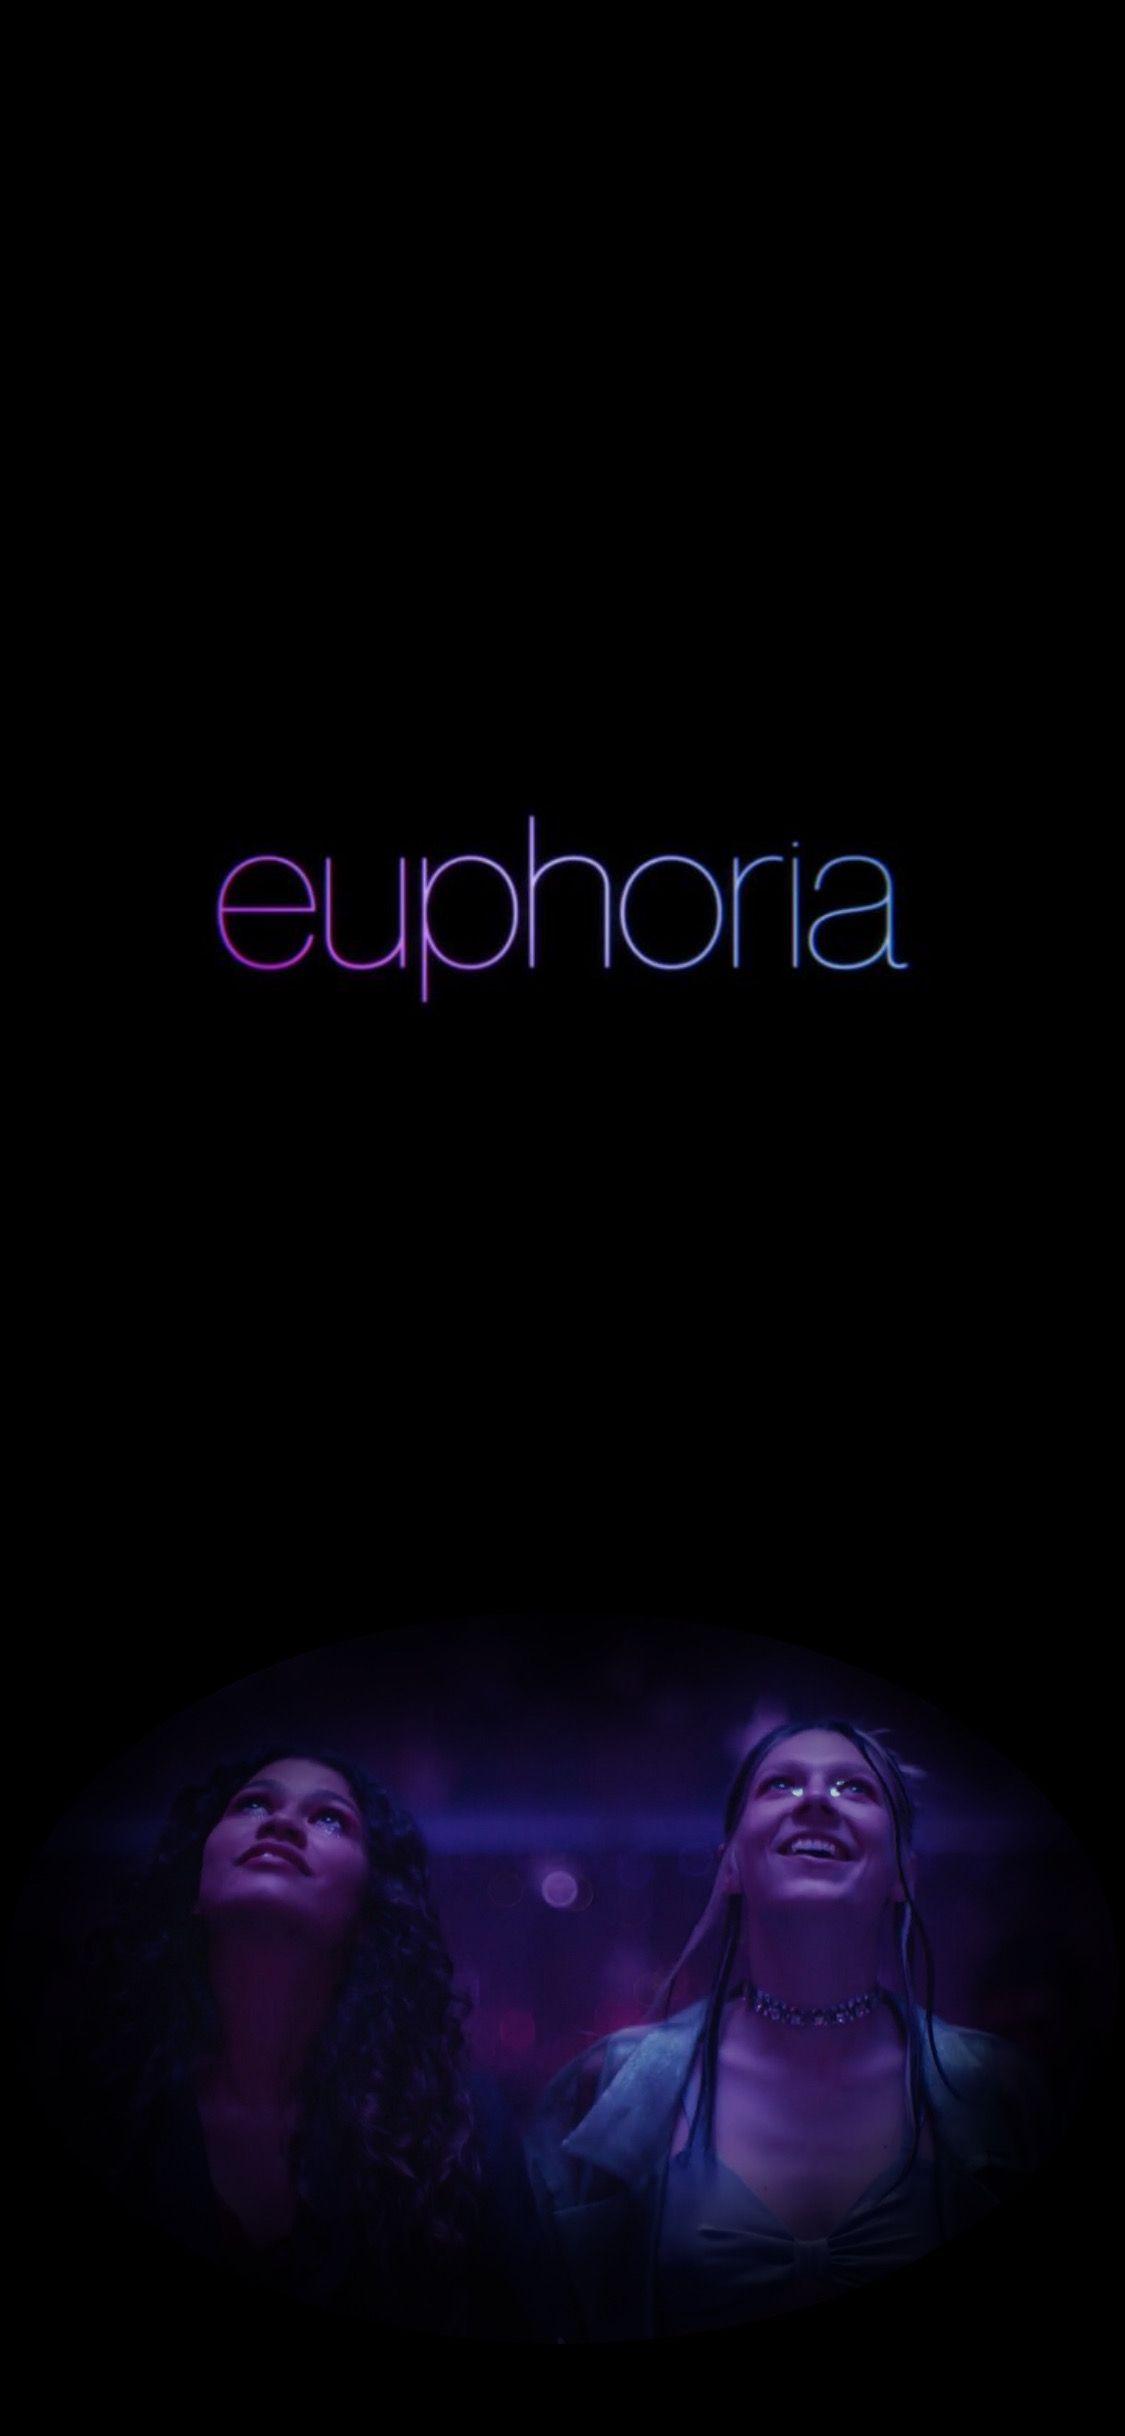 Wallpapers For Iphone Euphoria Hbo Rules Desenhos Aleatorios Planos De Fundo Desenhos